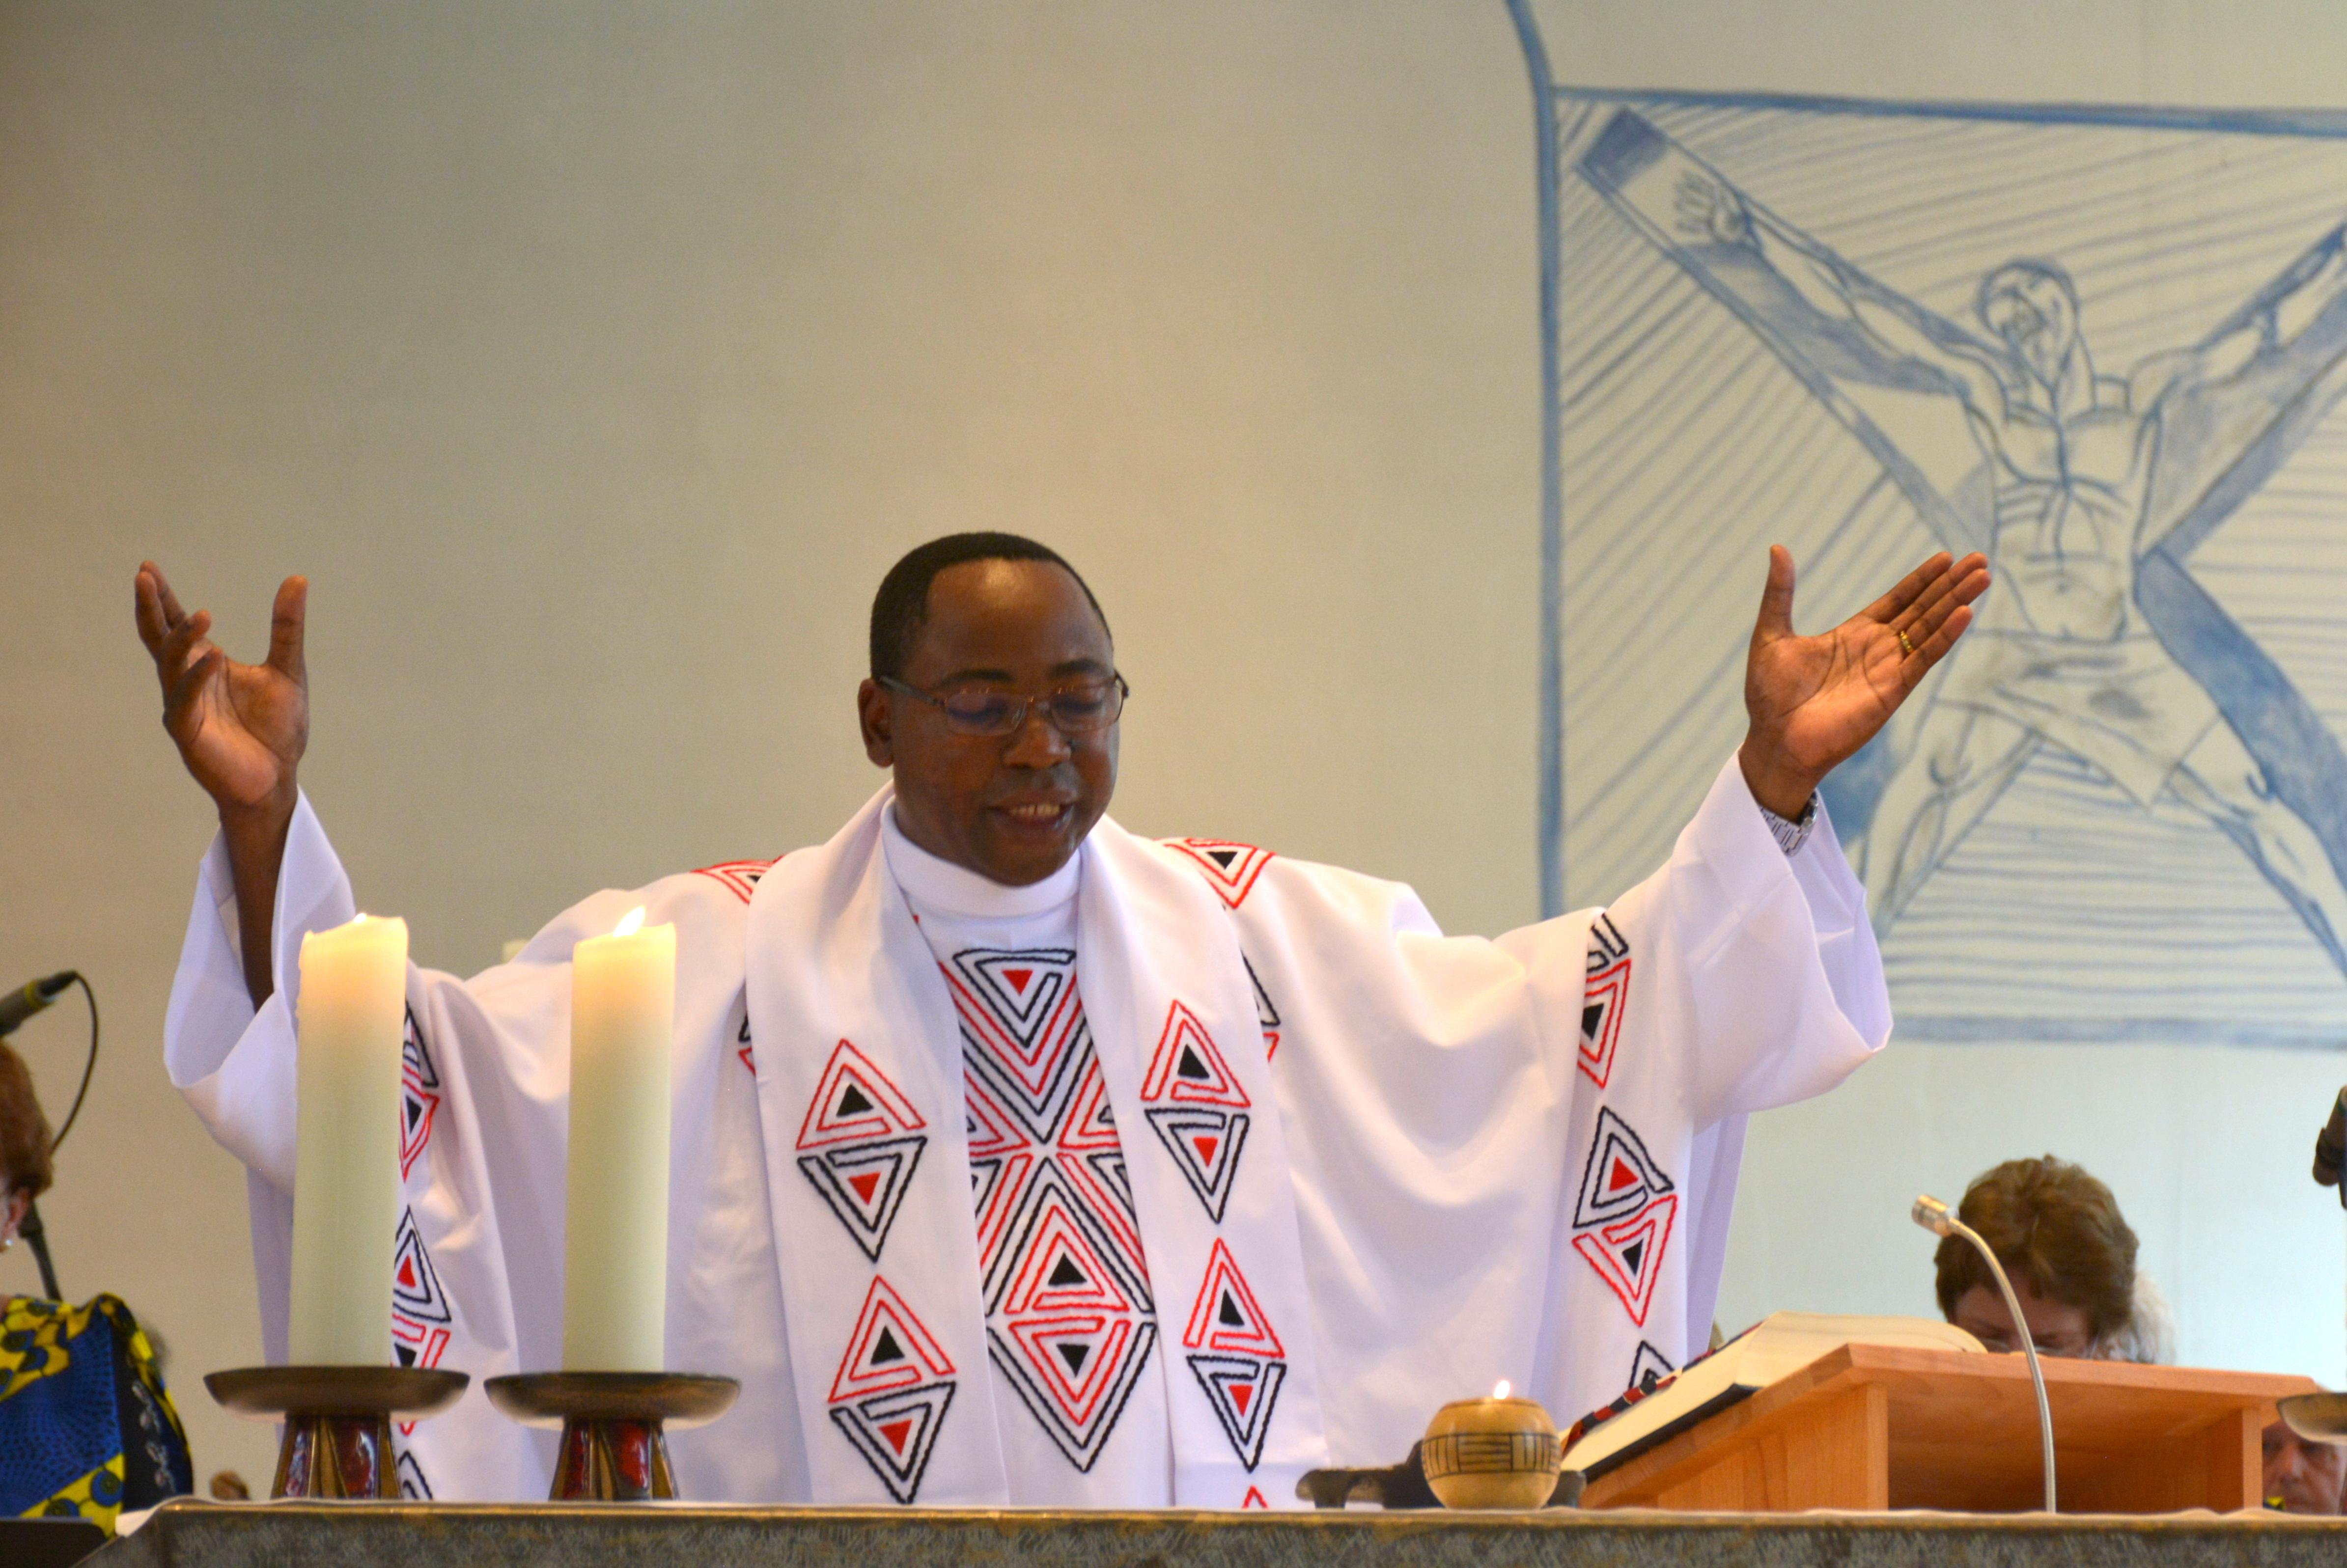 Afrikanische Messe Au am Rhein 2019-07-20 041